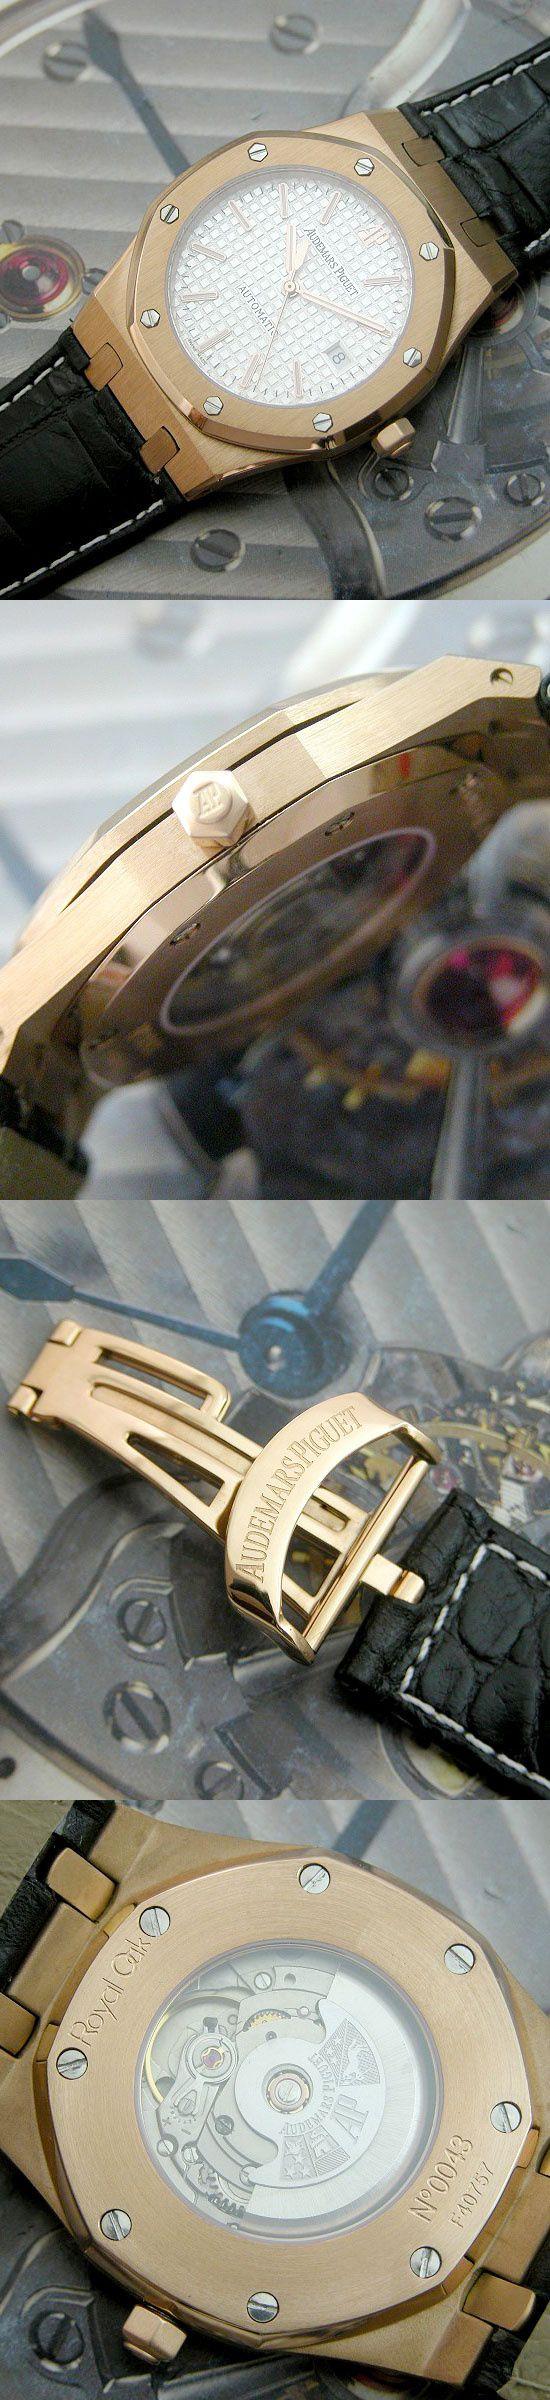 おしゃれなブランド時計がオーデマピゲ-ロイヤルオーク-AUDEMARS PIGUET-15300OR.00. D002CR.01-ah-男性用を提供します.